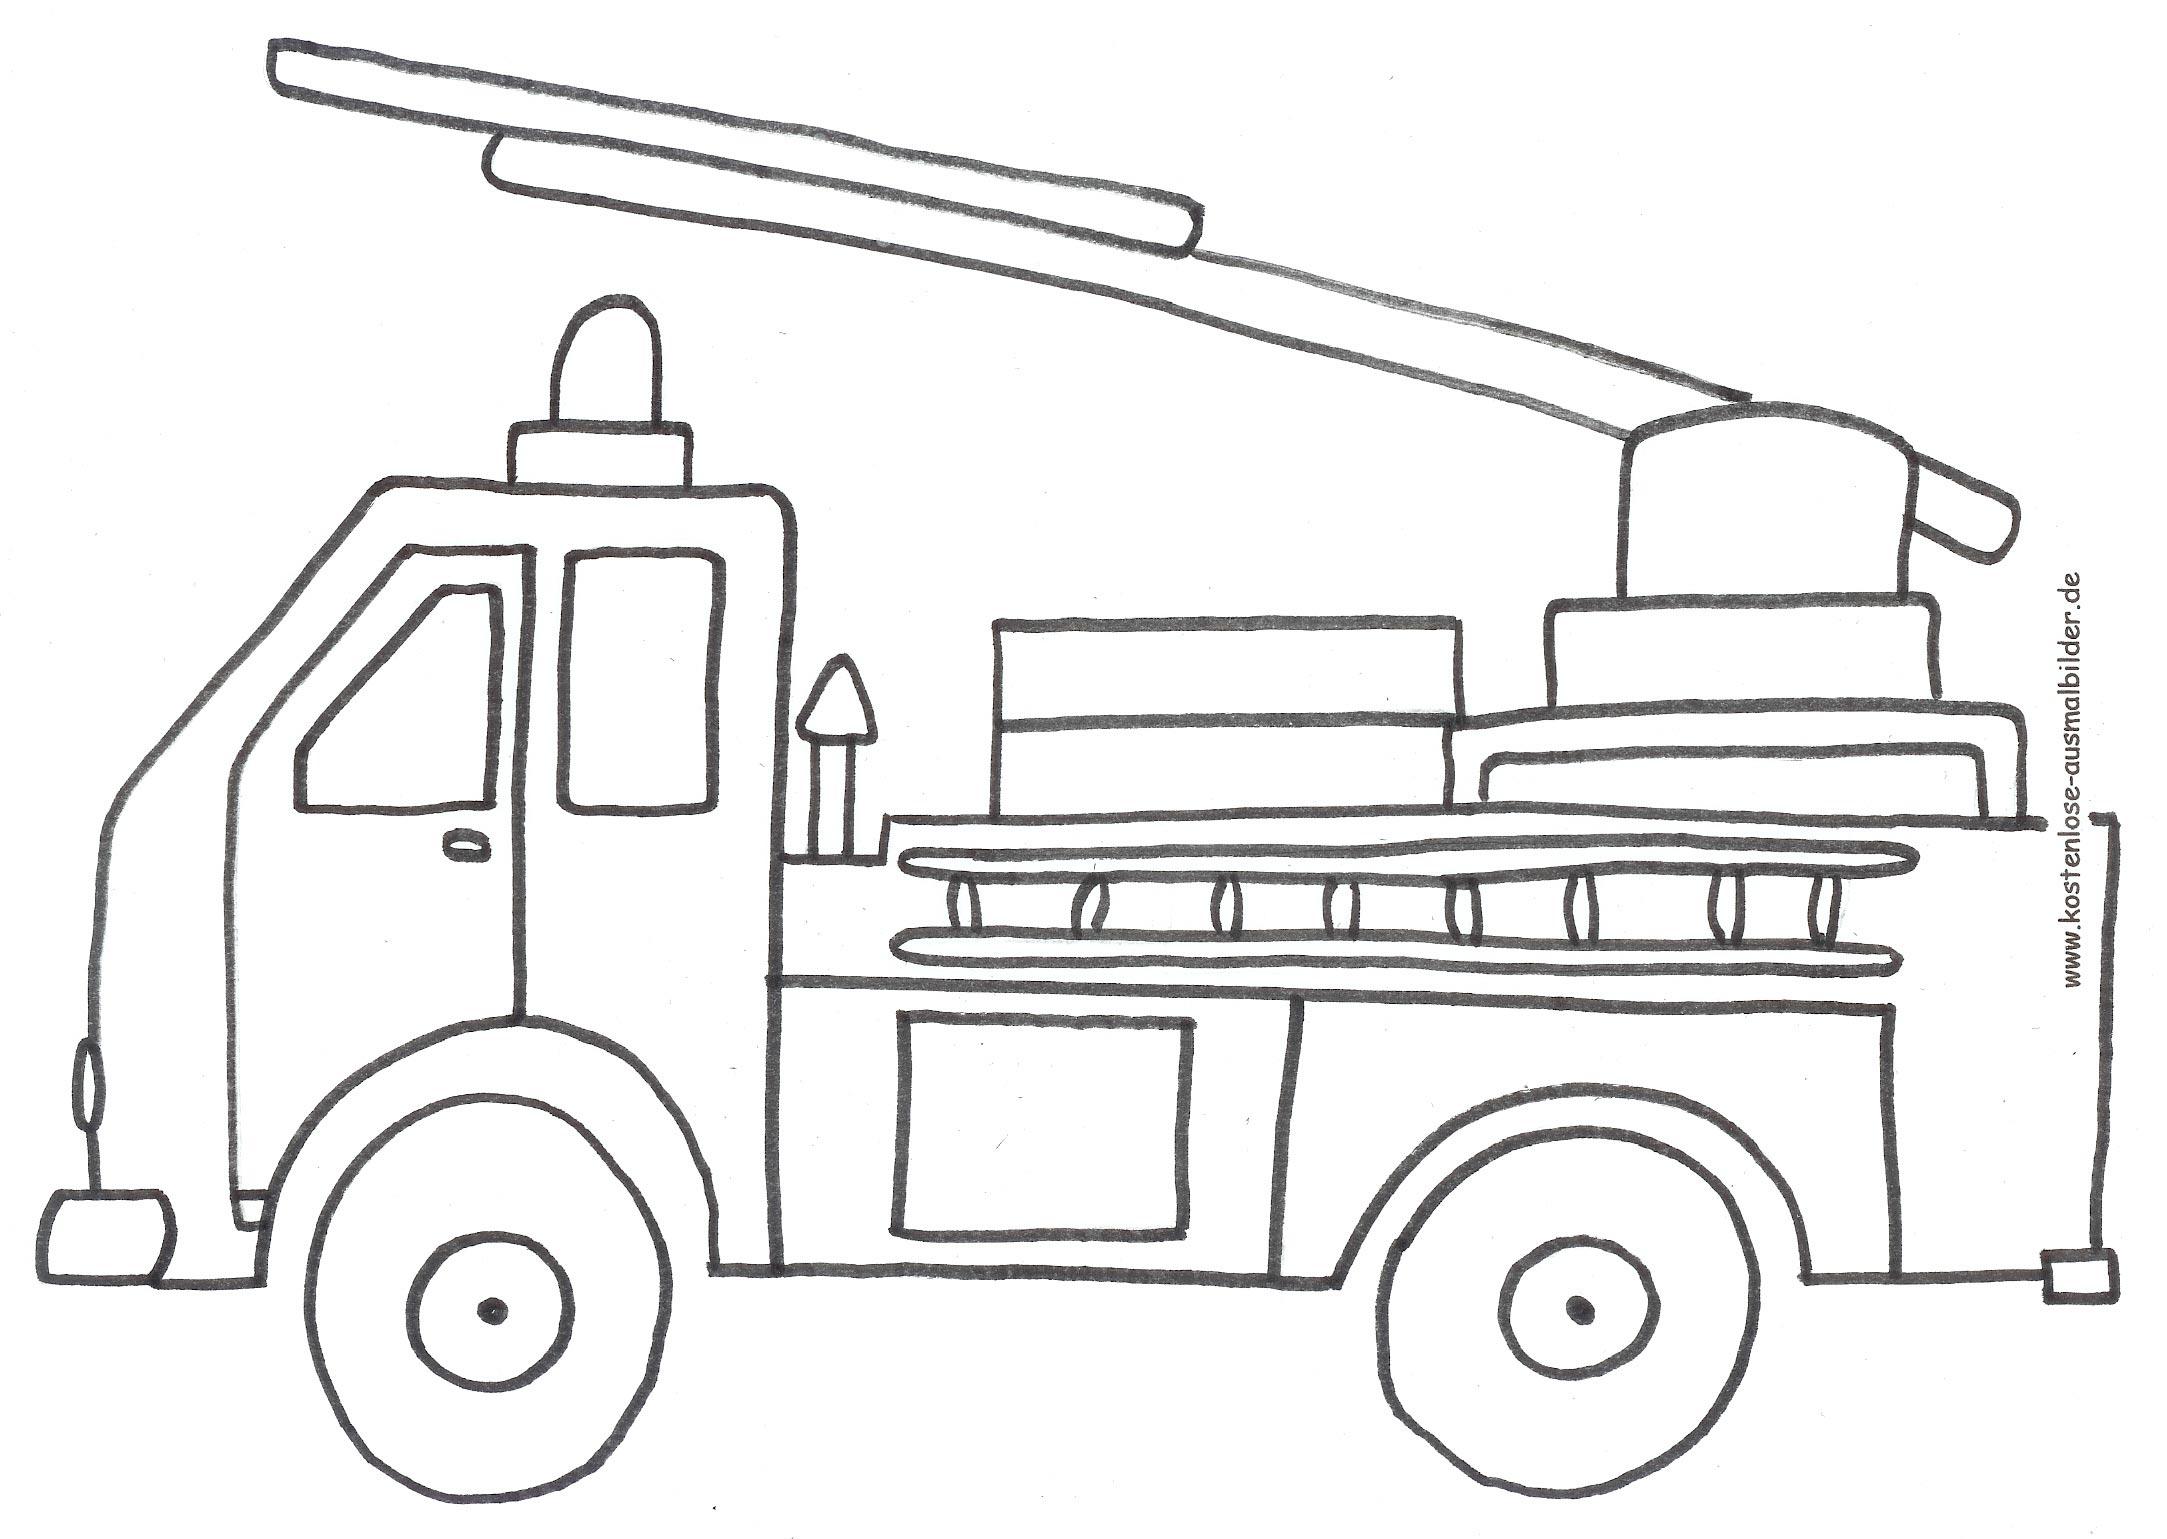 Malvorlagen - Ausmalbilder Feuerwehrauto   Ausmalbilder mit Feuerwehrauto Zum Ausmalen